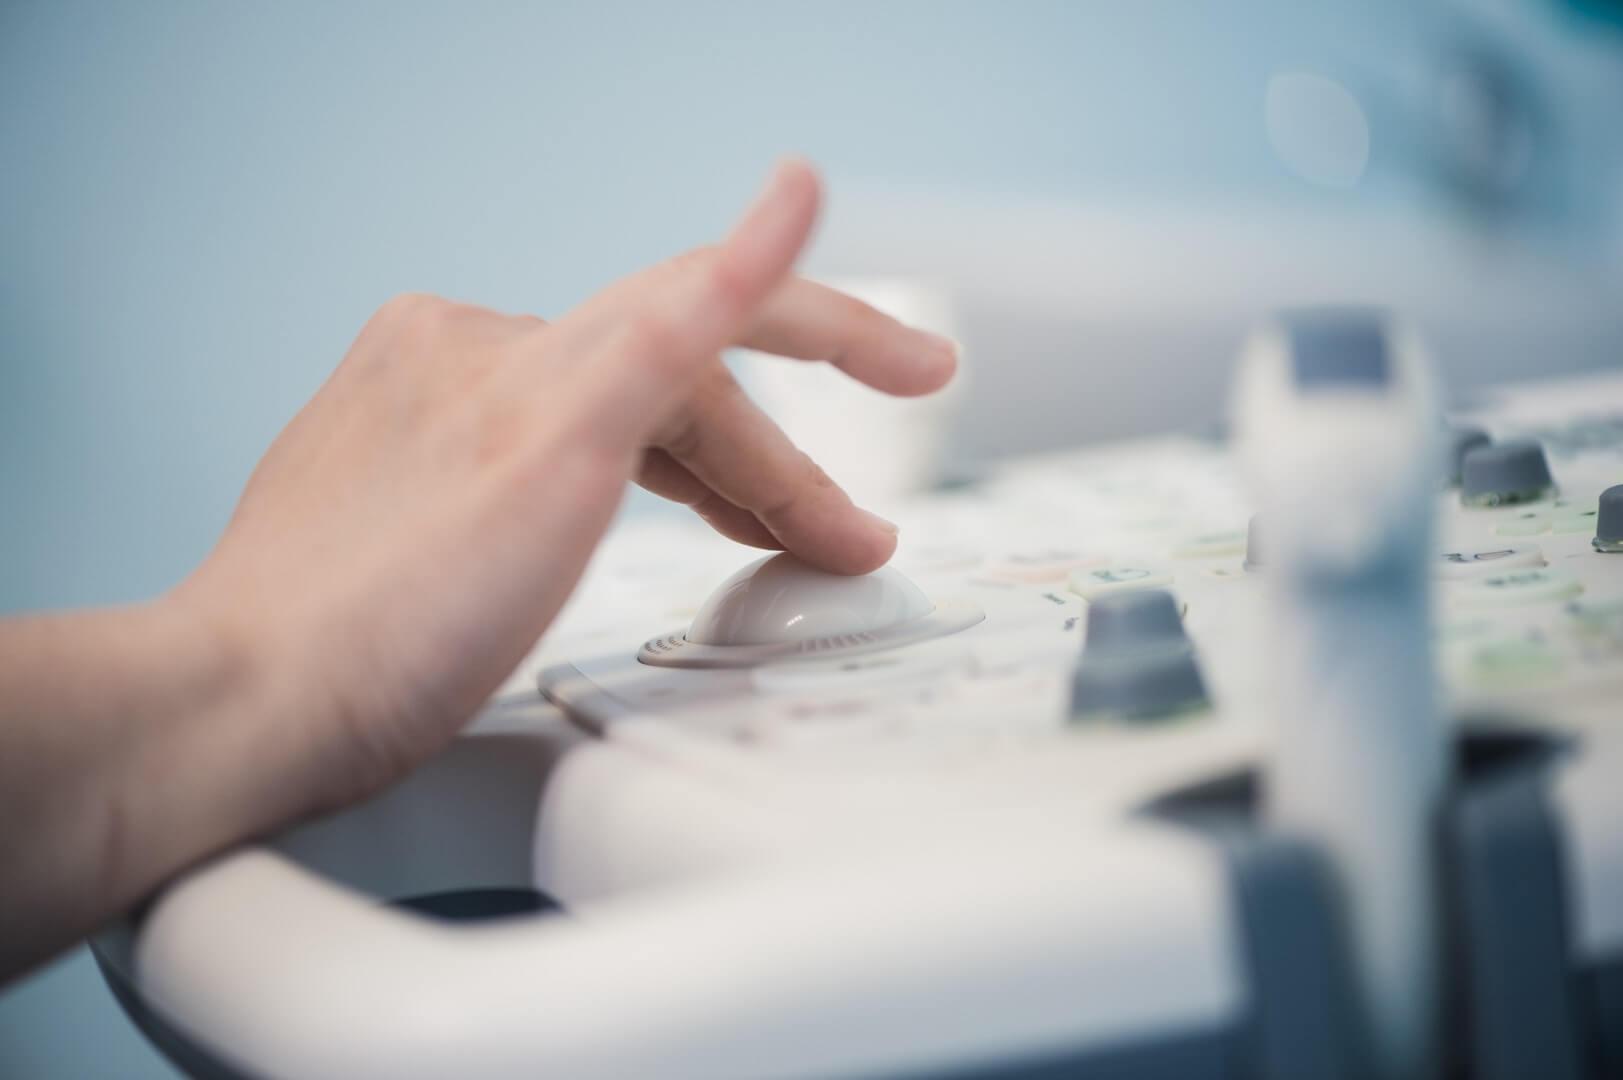 Zaposleni u Godea Medico koriste ultratvuk uređaj.